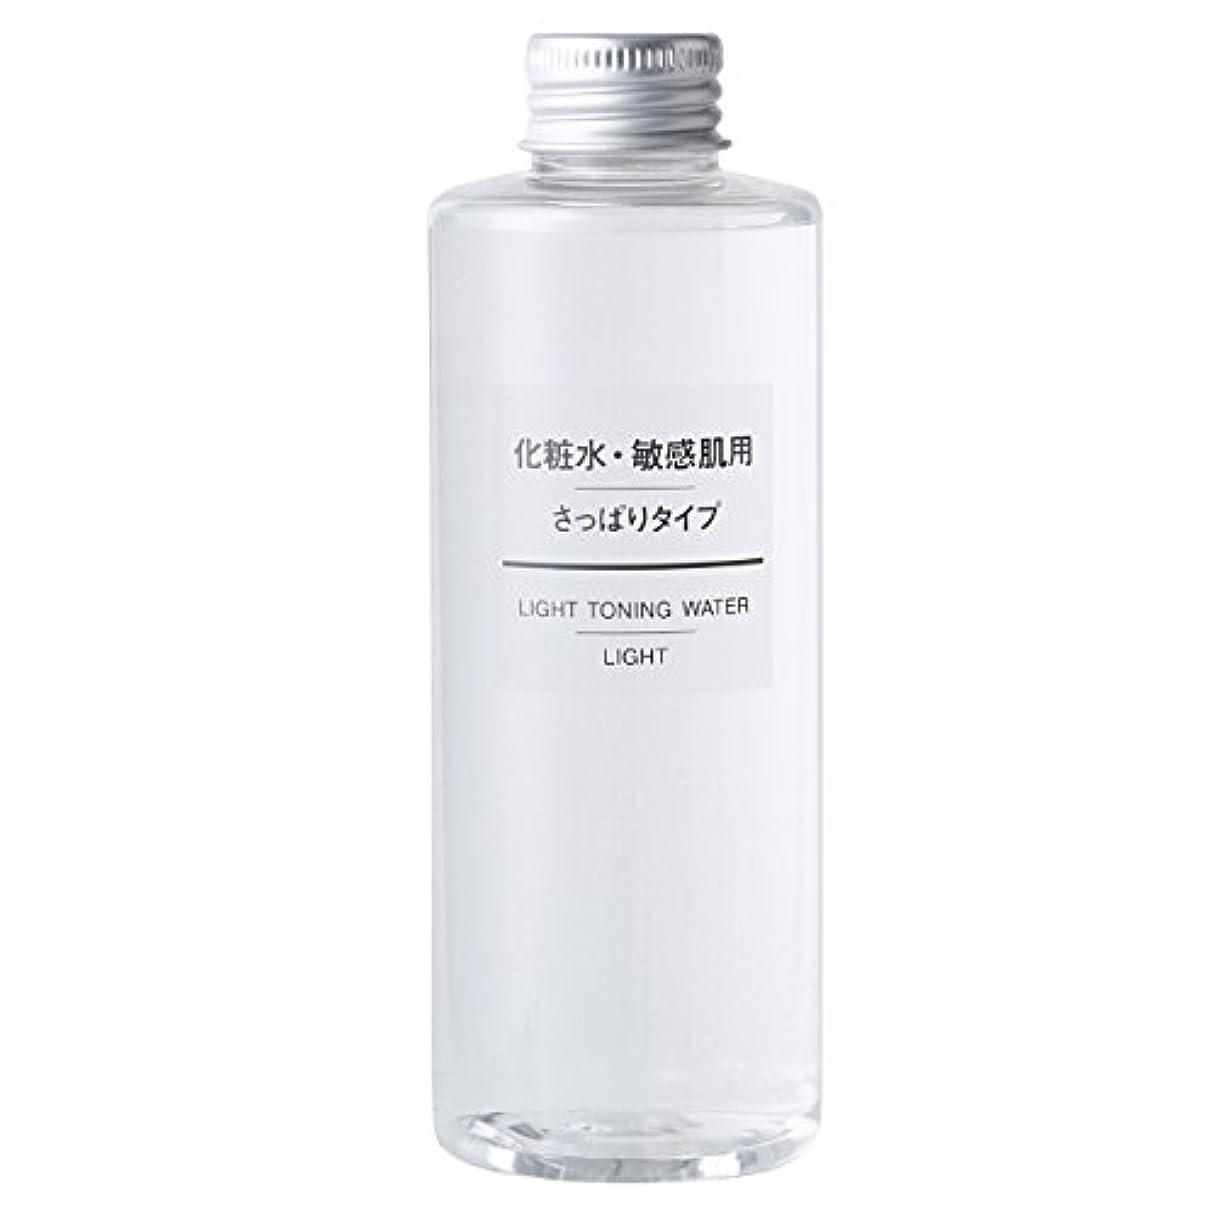 項目冷淡なコミット無印良品 化粧水?敏感肌用?さっぱりタイプ 200mL